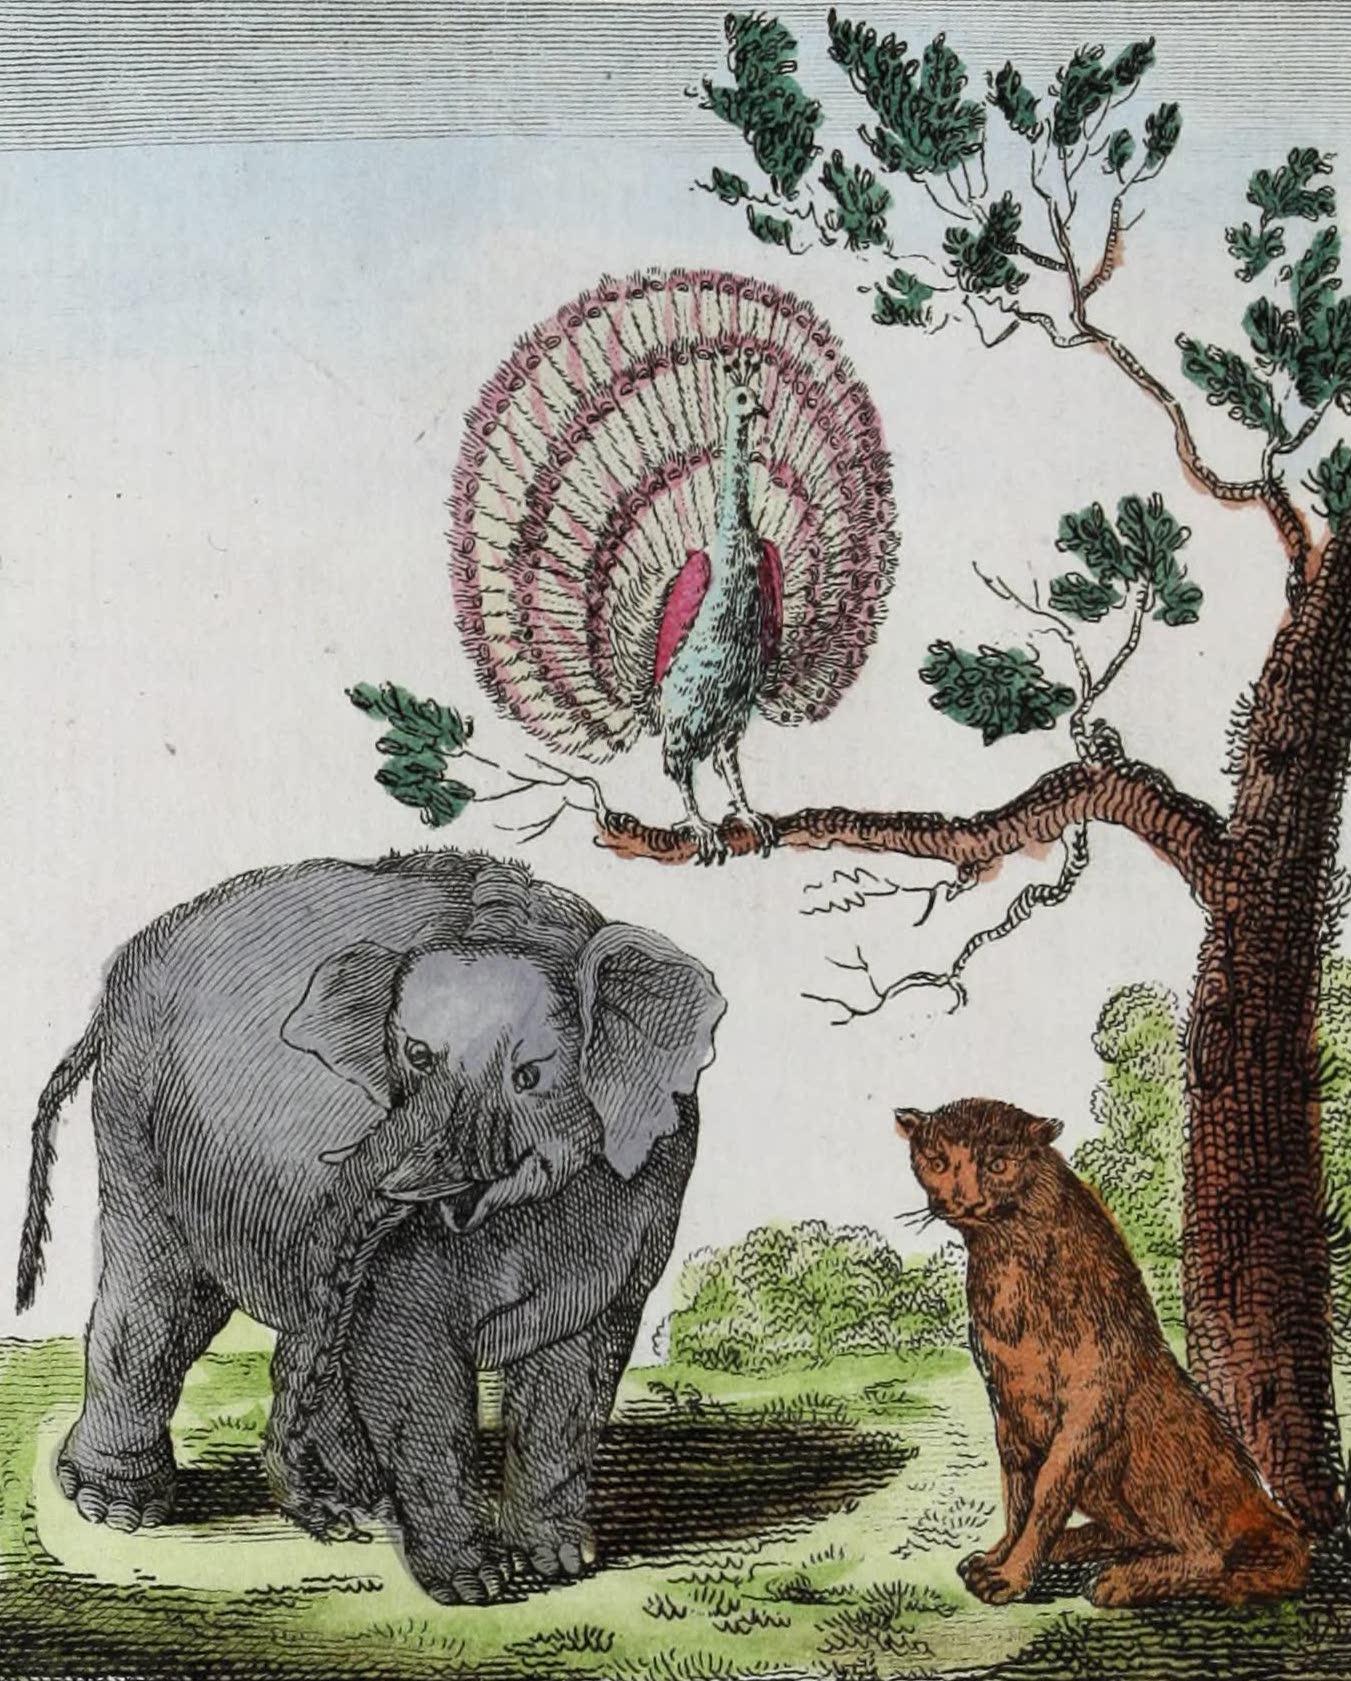 Geographie Vivante, ou, Tableaux Raisonnes - Le Paon, l'Elephant, le Tigre (1821)